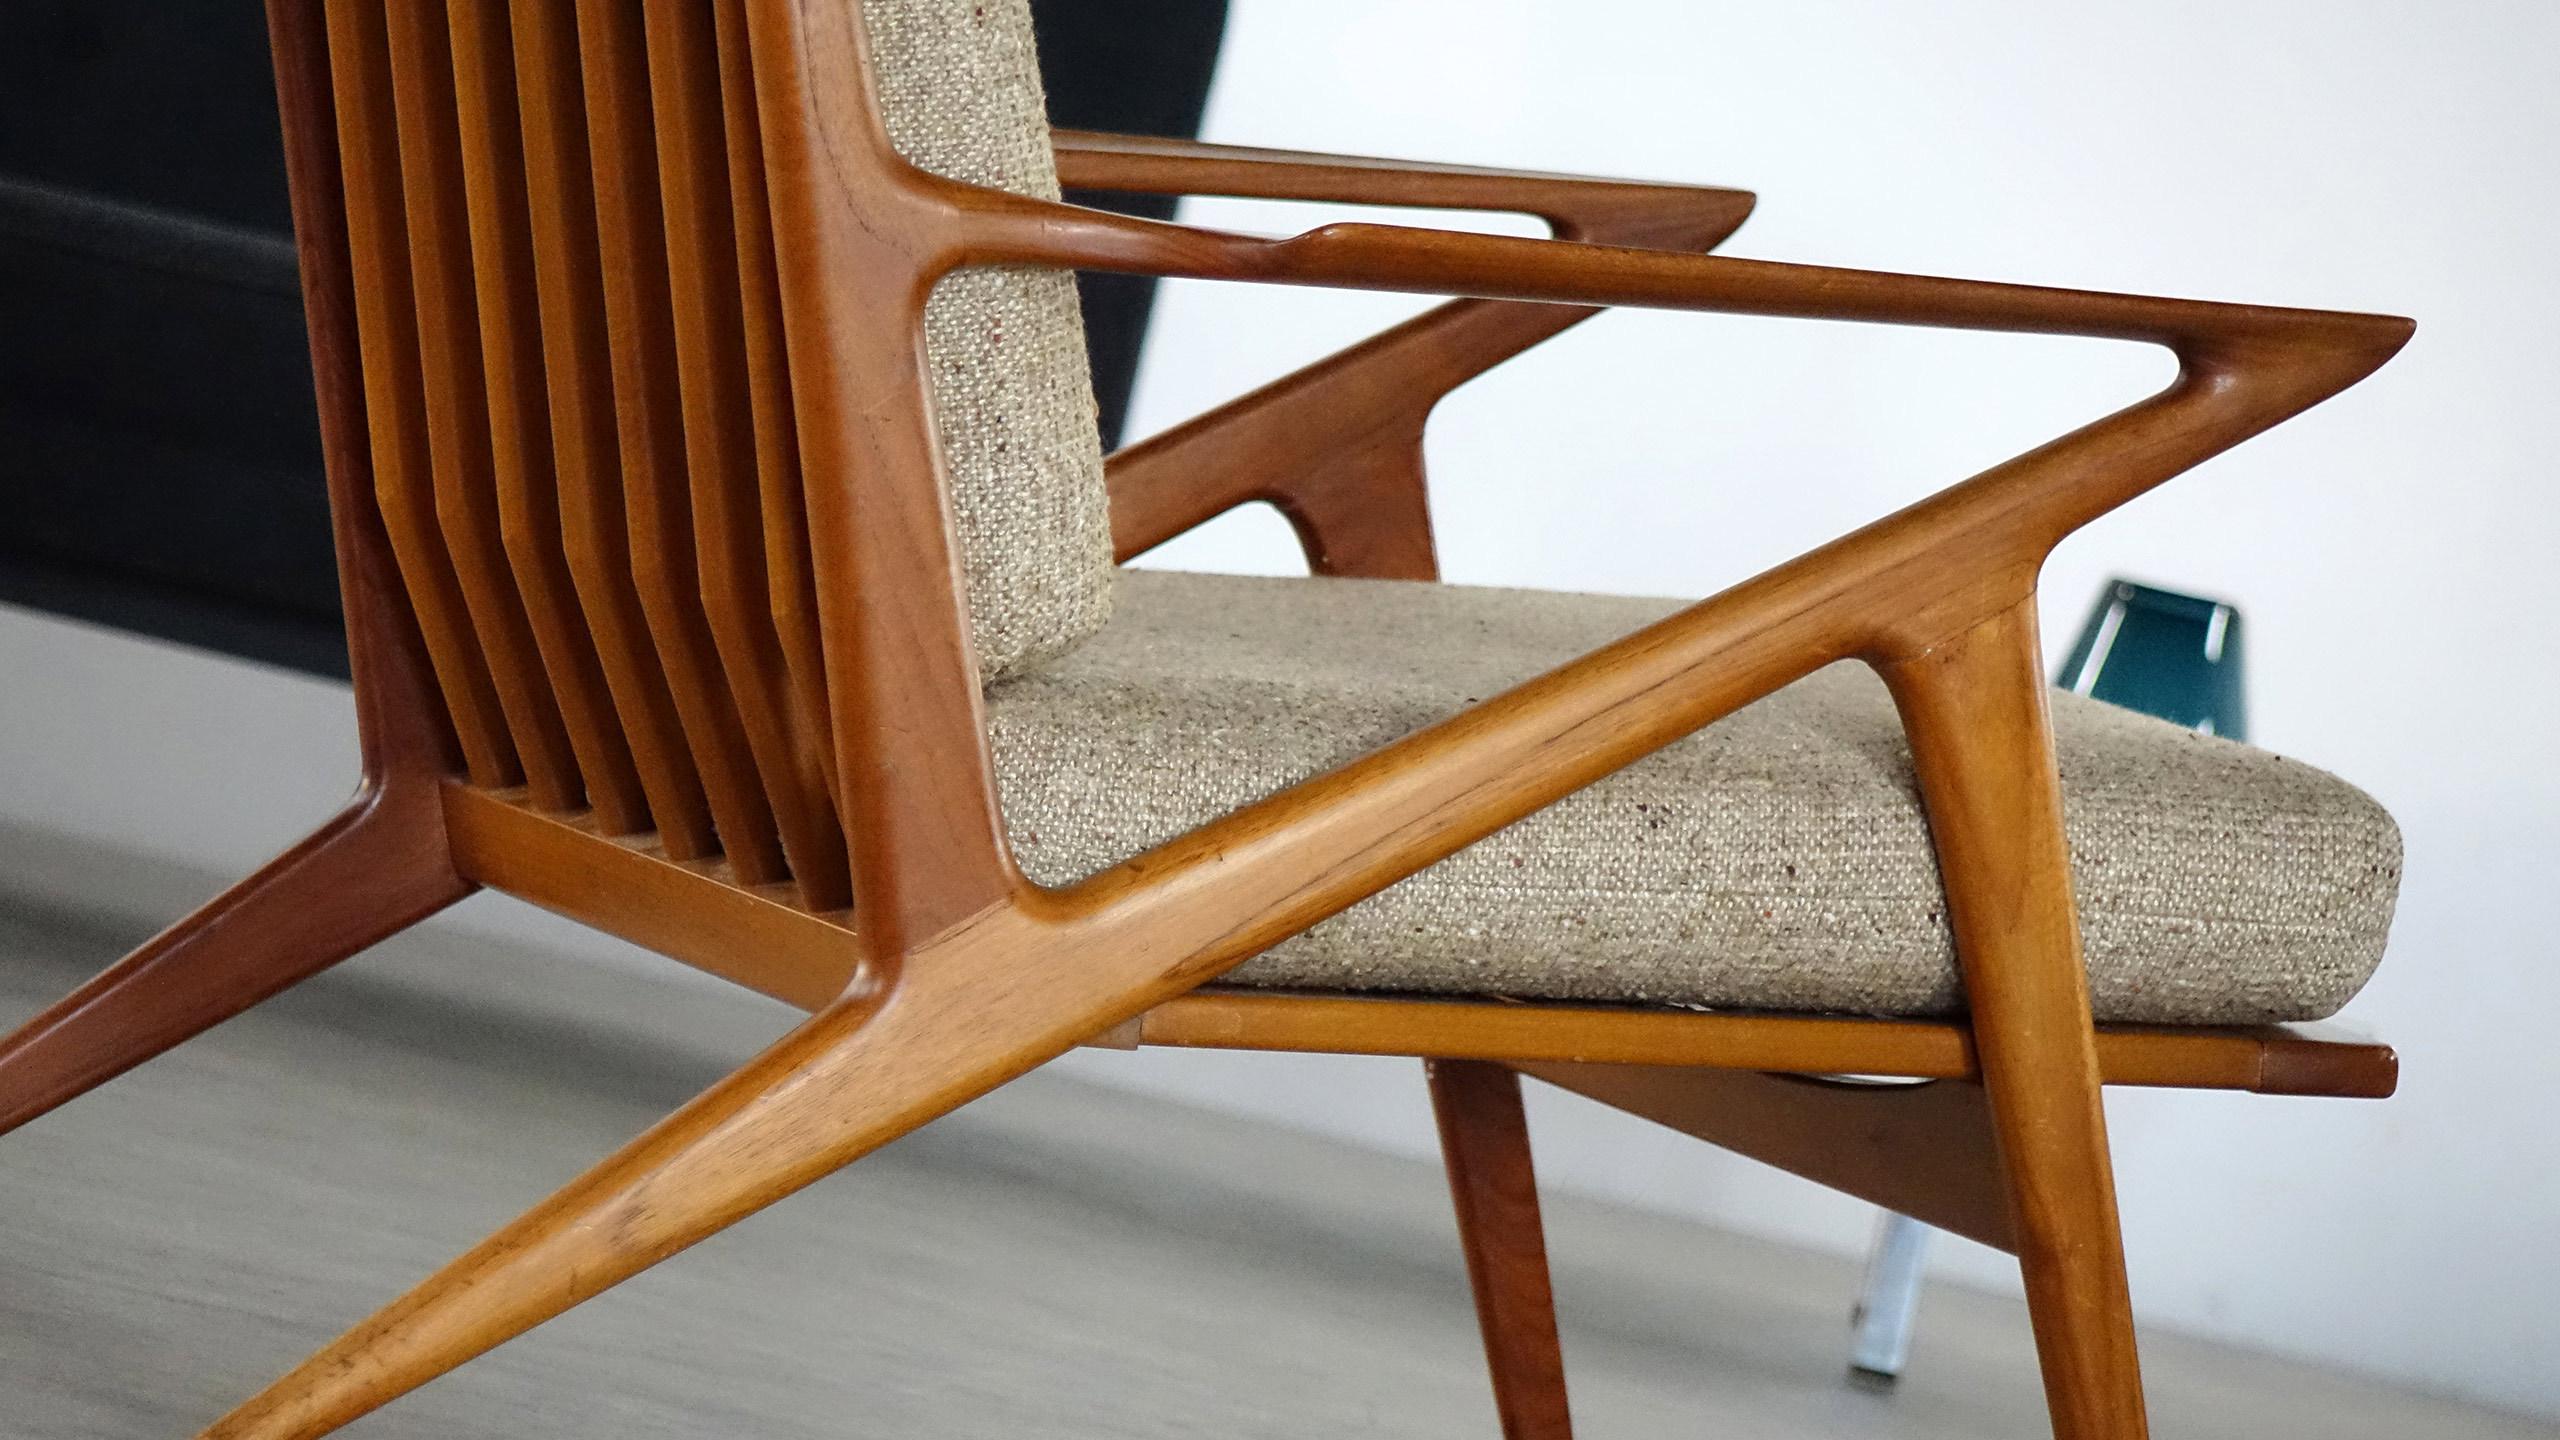 Dimensions W 29 92 Inch H 31 10 D 33 46 76 Cm 79 85 Designer Poul Jensen Manufacturer Haslev Denmark Price 2600